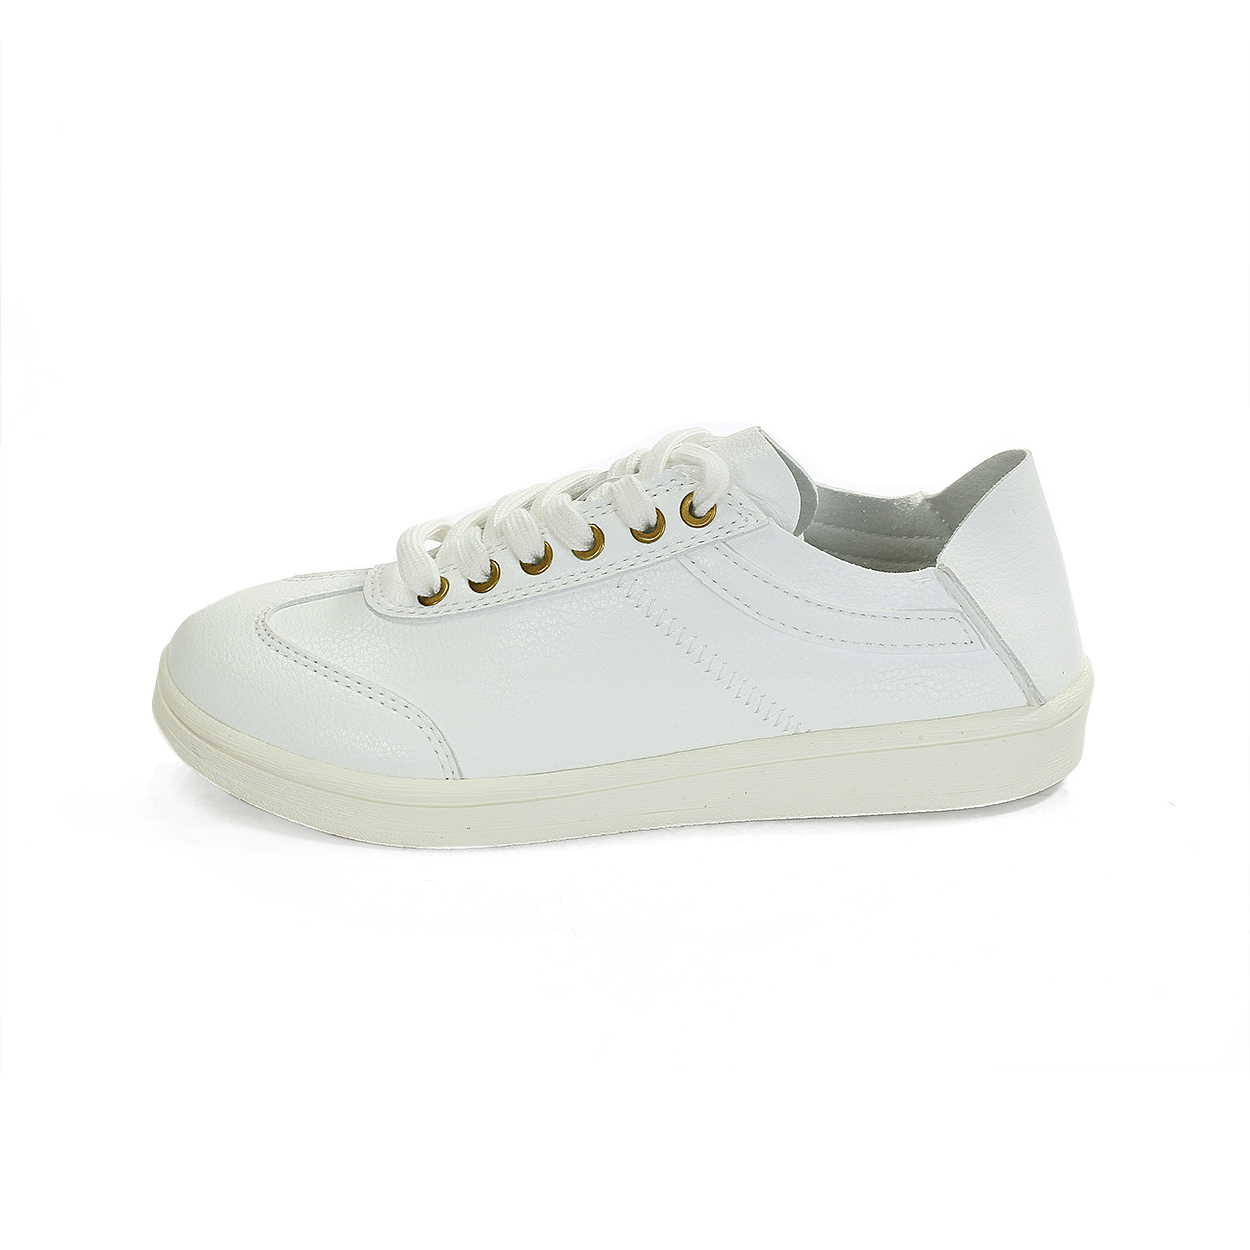 Giày Thời Trang Thể Thao Nữ Li-Ning AGCQ262